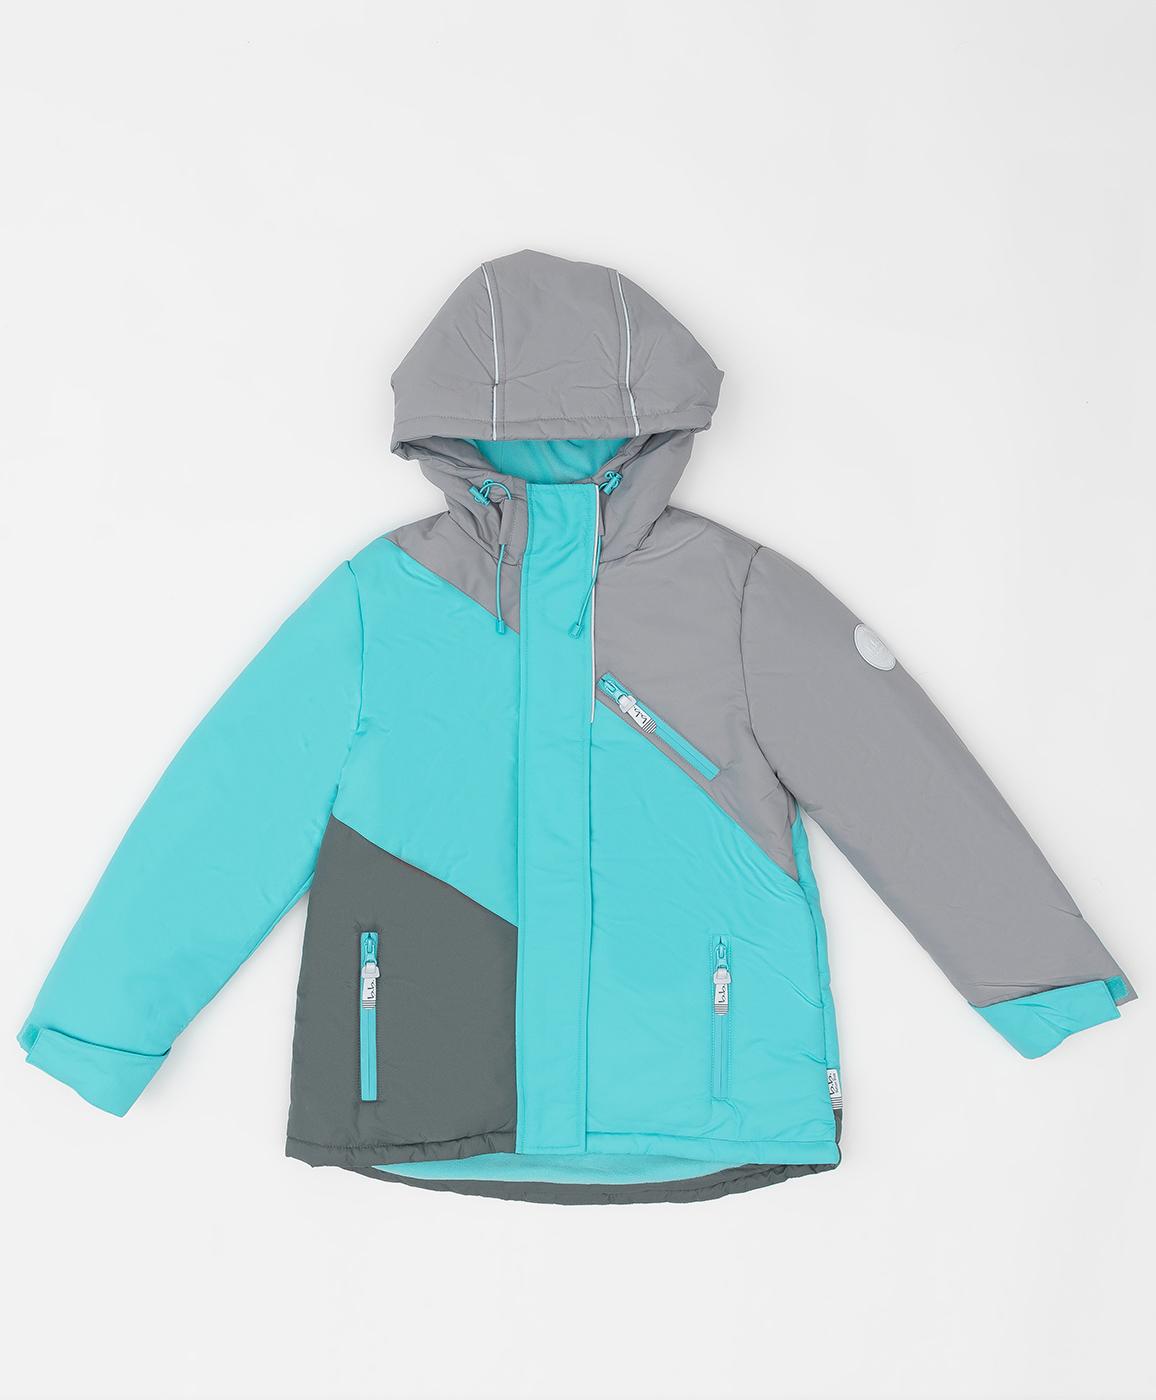 220BBGA41021800, Демисезонная куртка Active Button Blue, голубой, 128, Мембрана, Женский, ОСЕНЬ/ЗИМА 2020-2021  - купить со скидкой